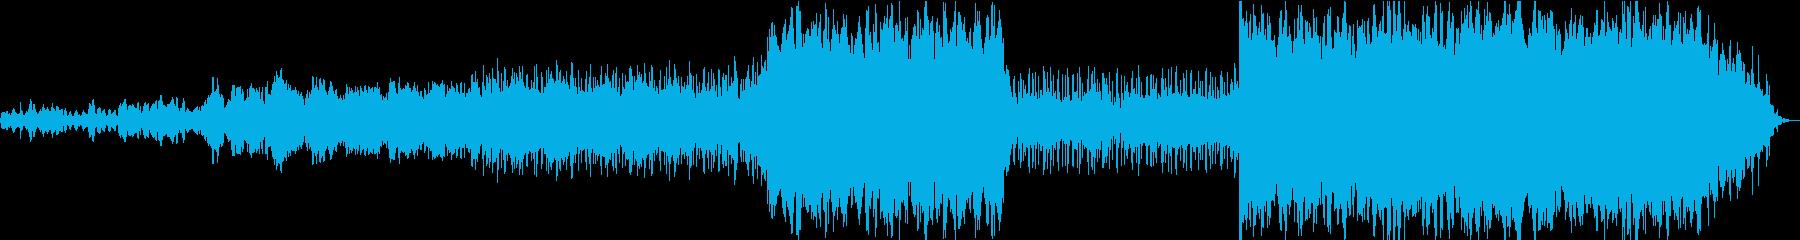 暗く憂鬱なBGMの再生済みの波形